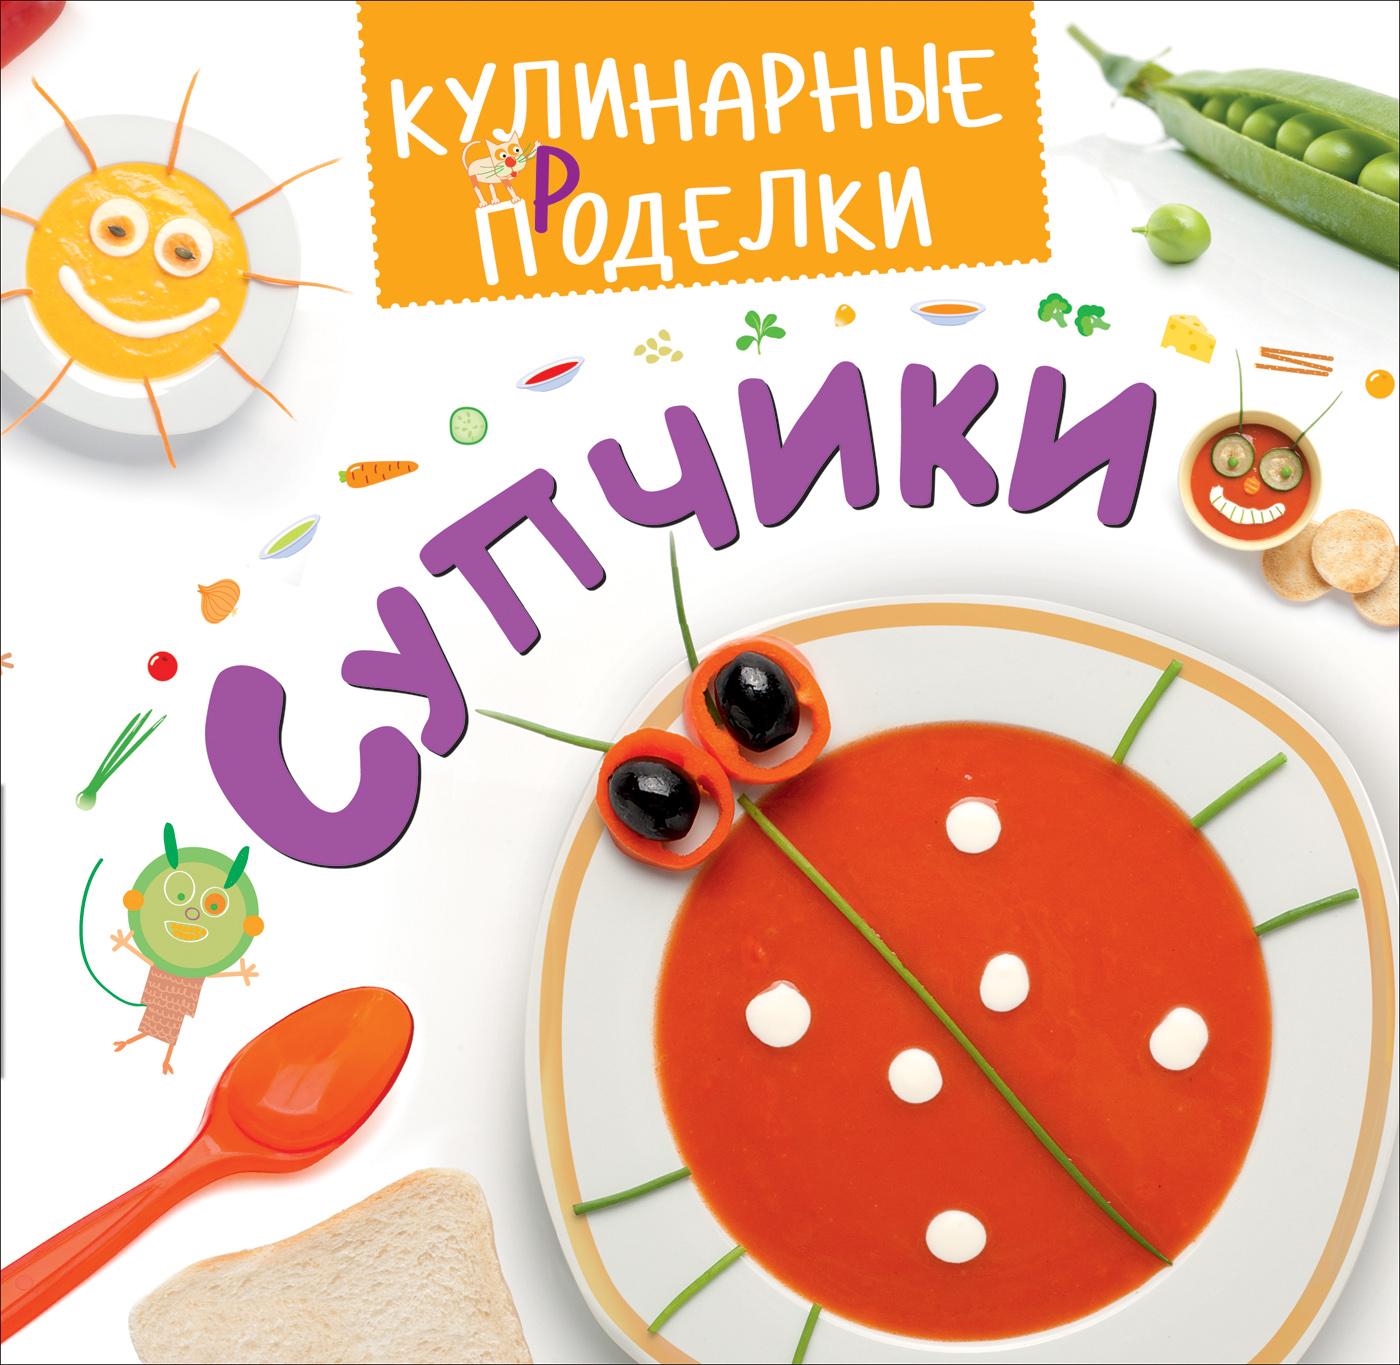 Книга для родителей - Кулинарные пРоделки. СупчикиЧтение для родителей<br>Книга для родителей - Кулинарные пРоделки. Супчики<br>